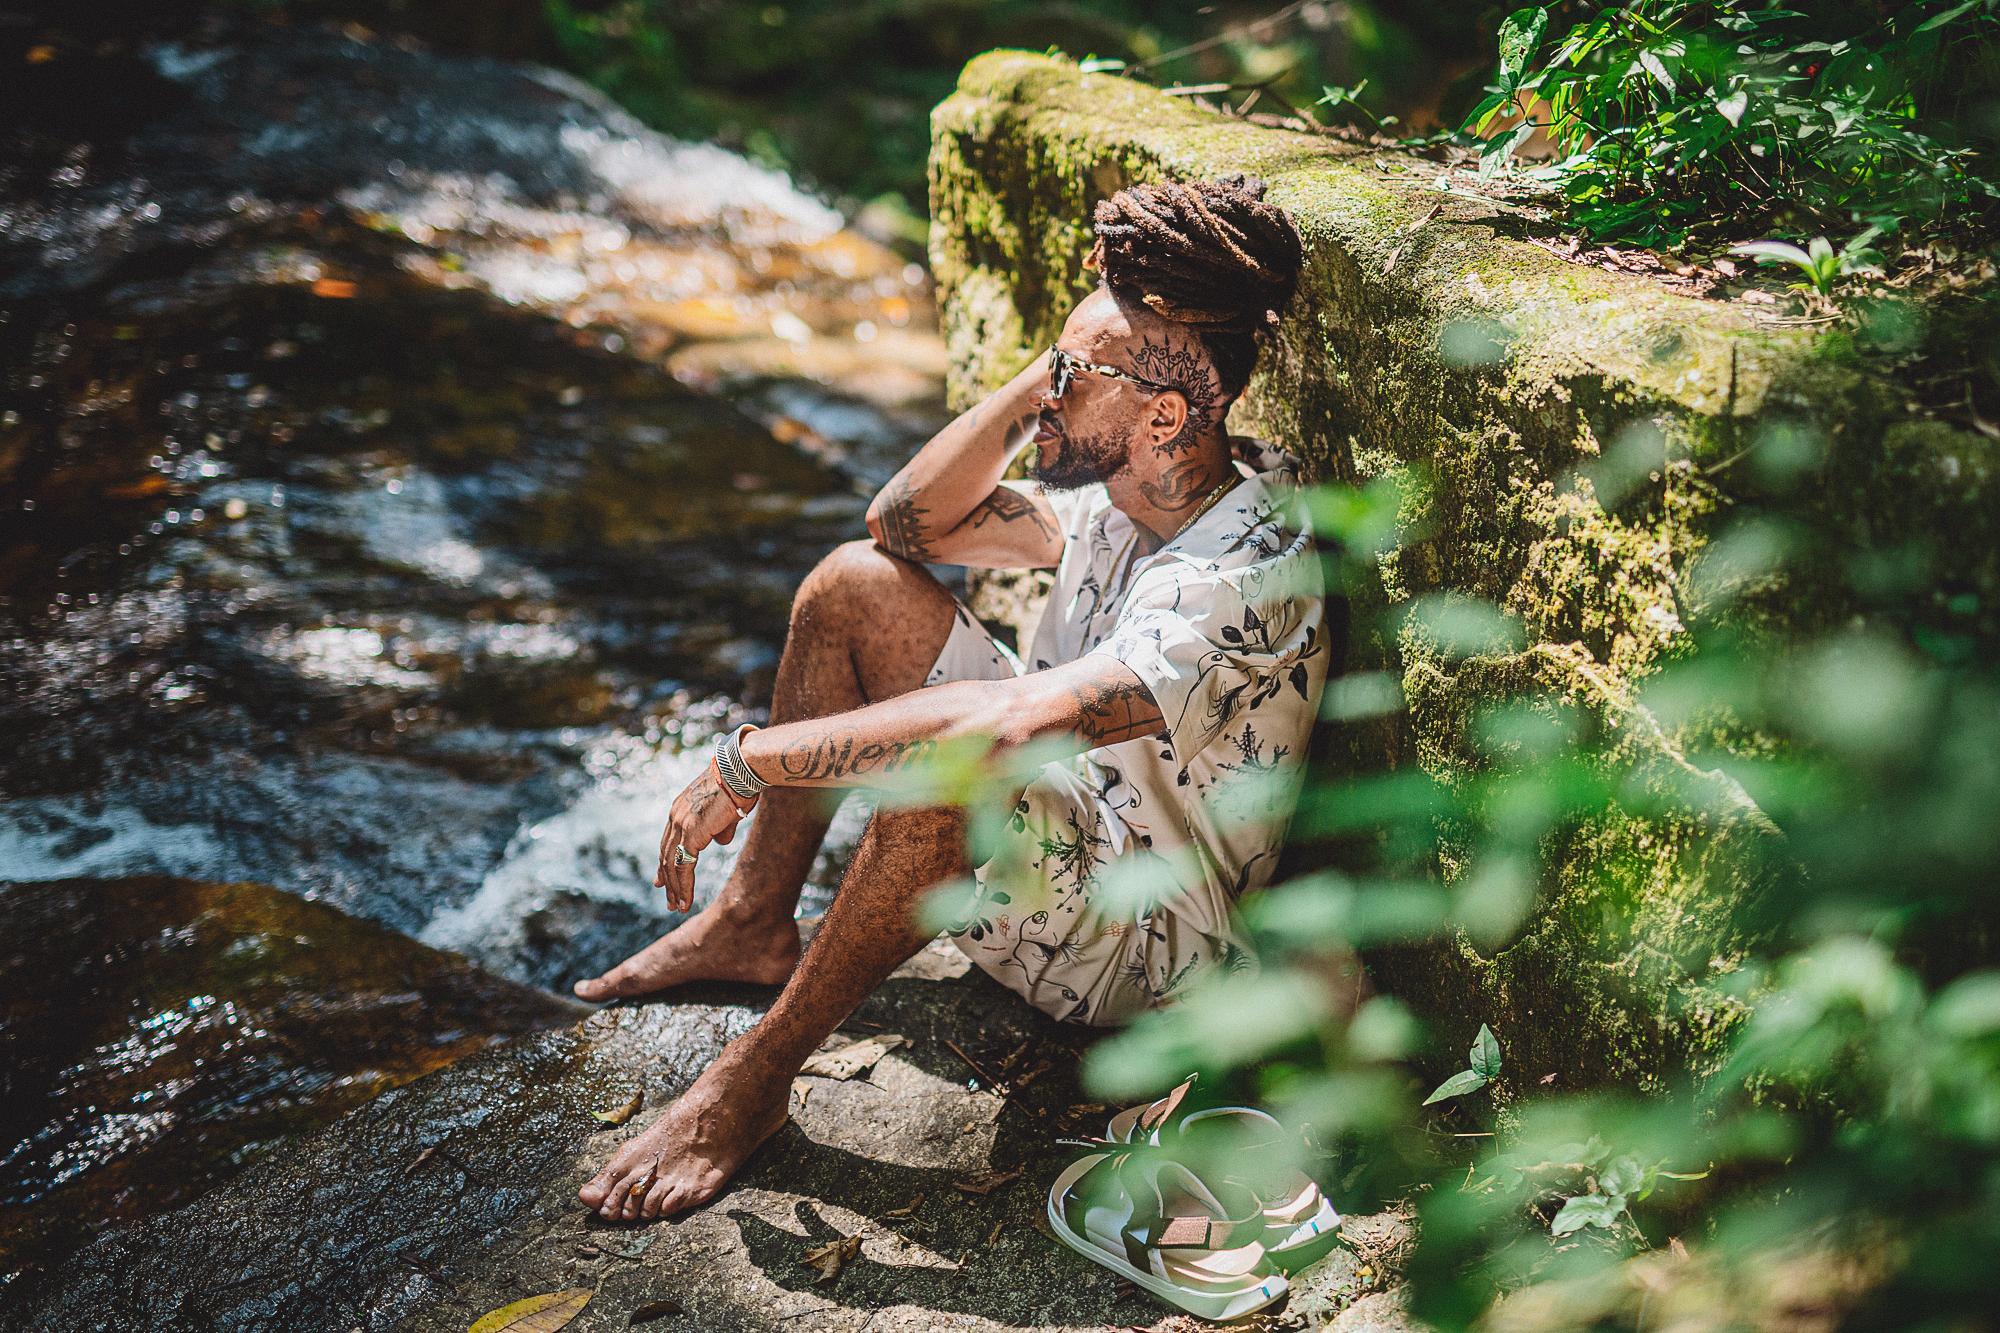 coleçao-capim-cidreira-rael-camisa-bermuda-sublimada